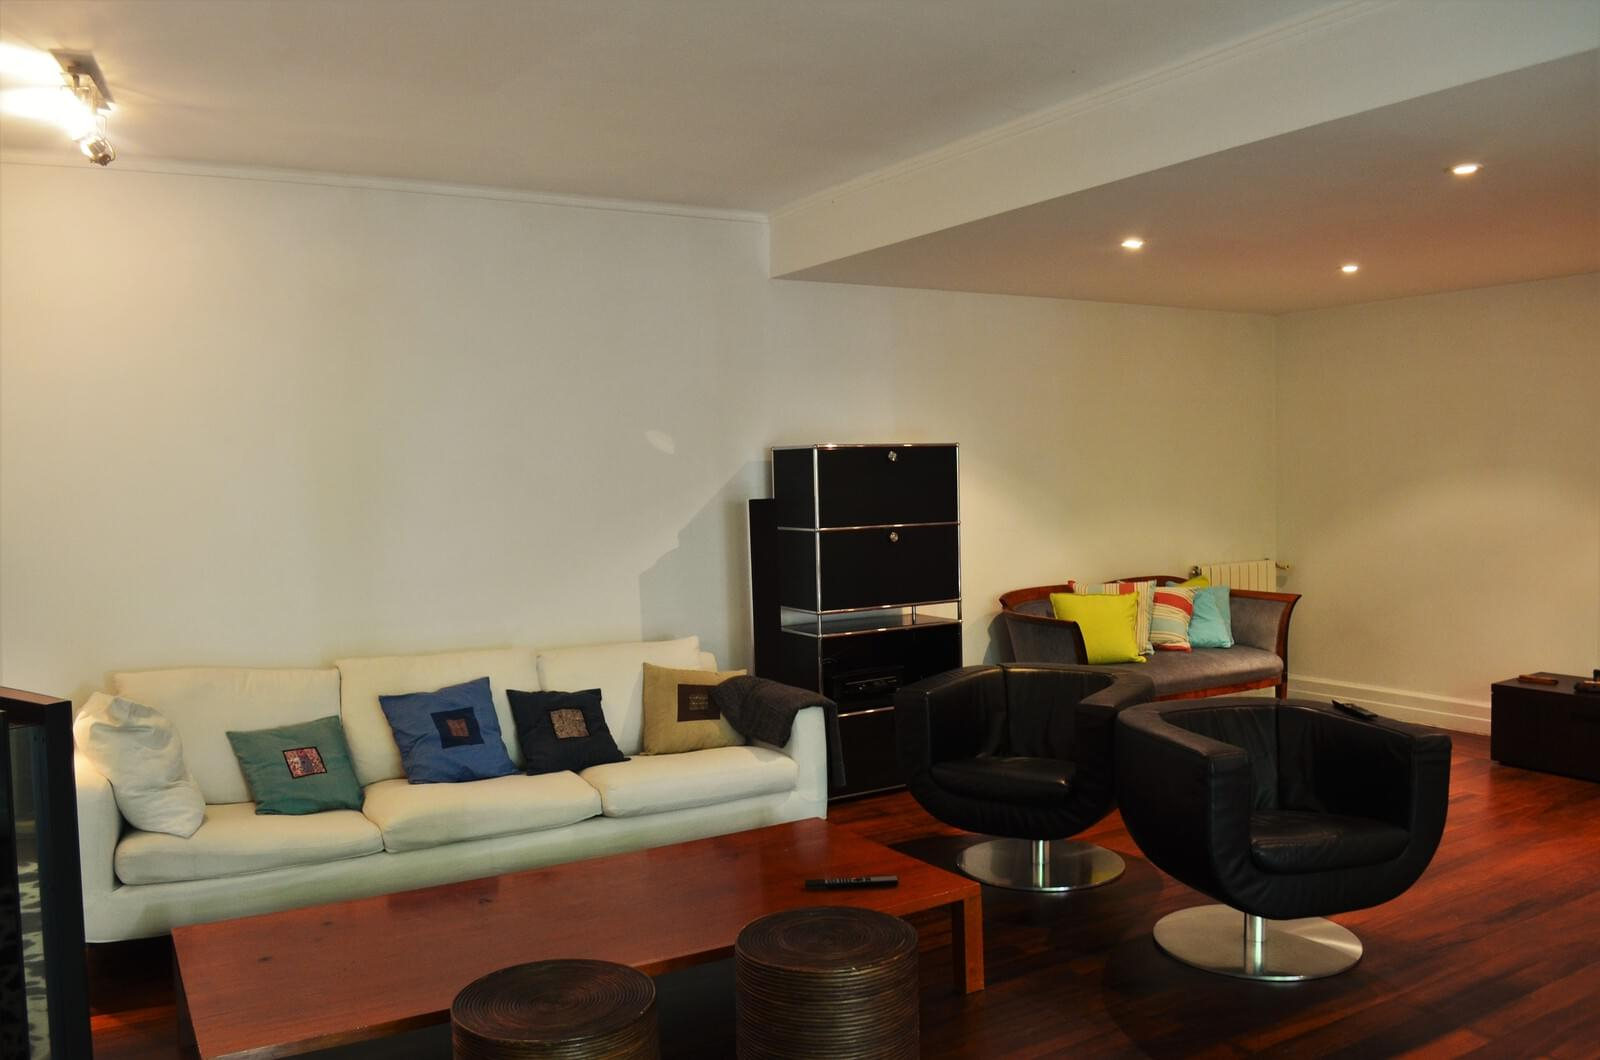 pf17565-apartamento-t3-lisboa-2d841345-c10c-42e3-8241-aed849ad34d2